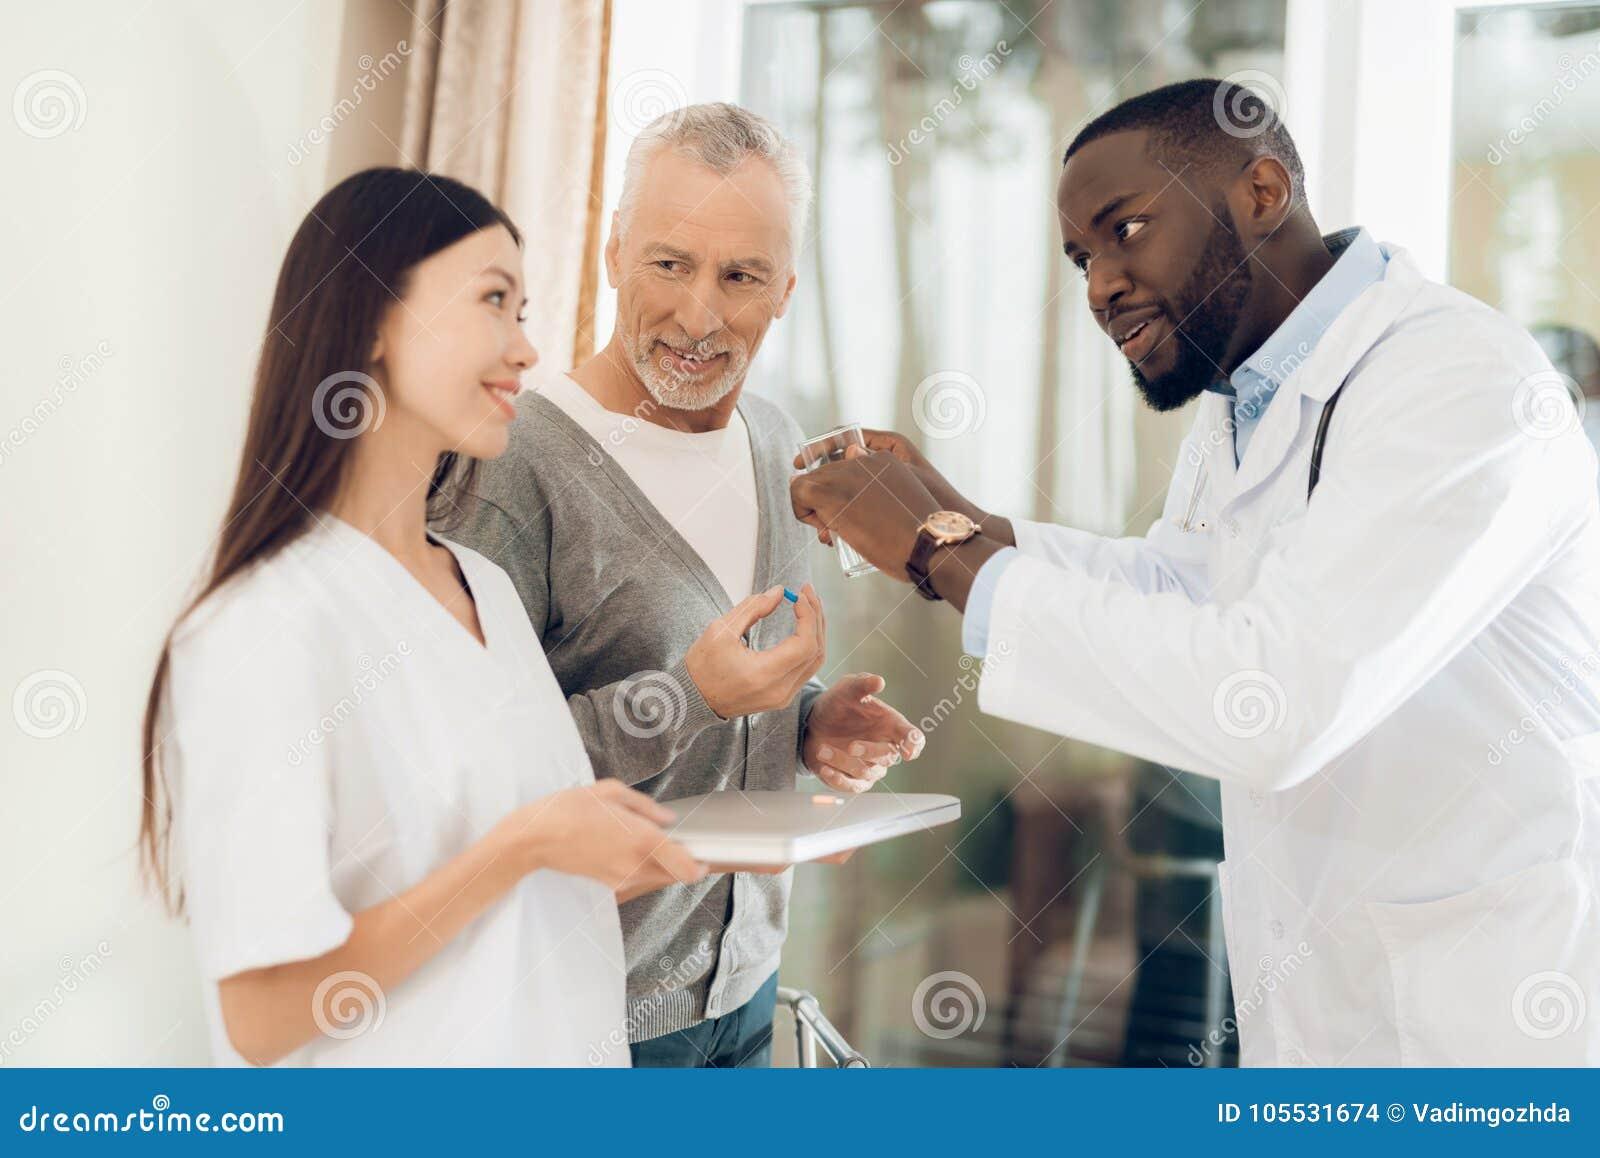 infirmière datant patient rencontres Jenna Shea